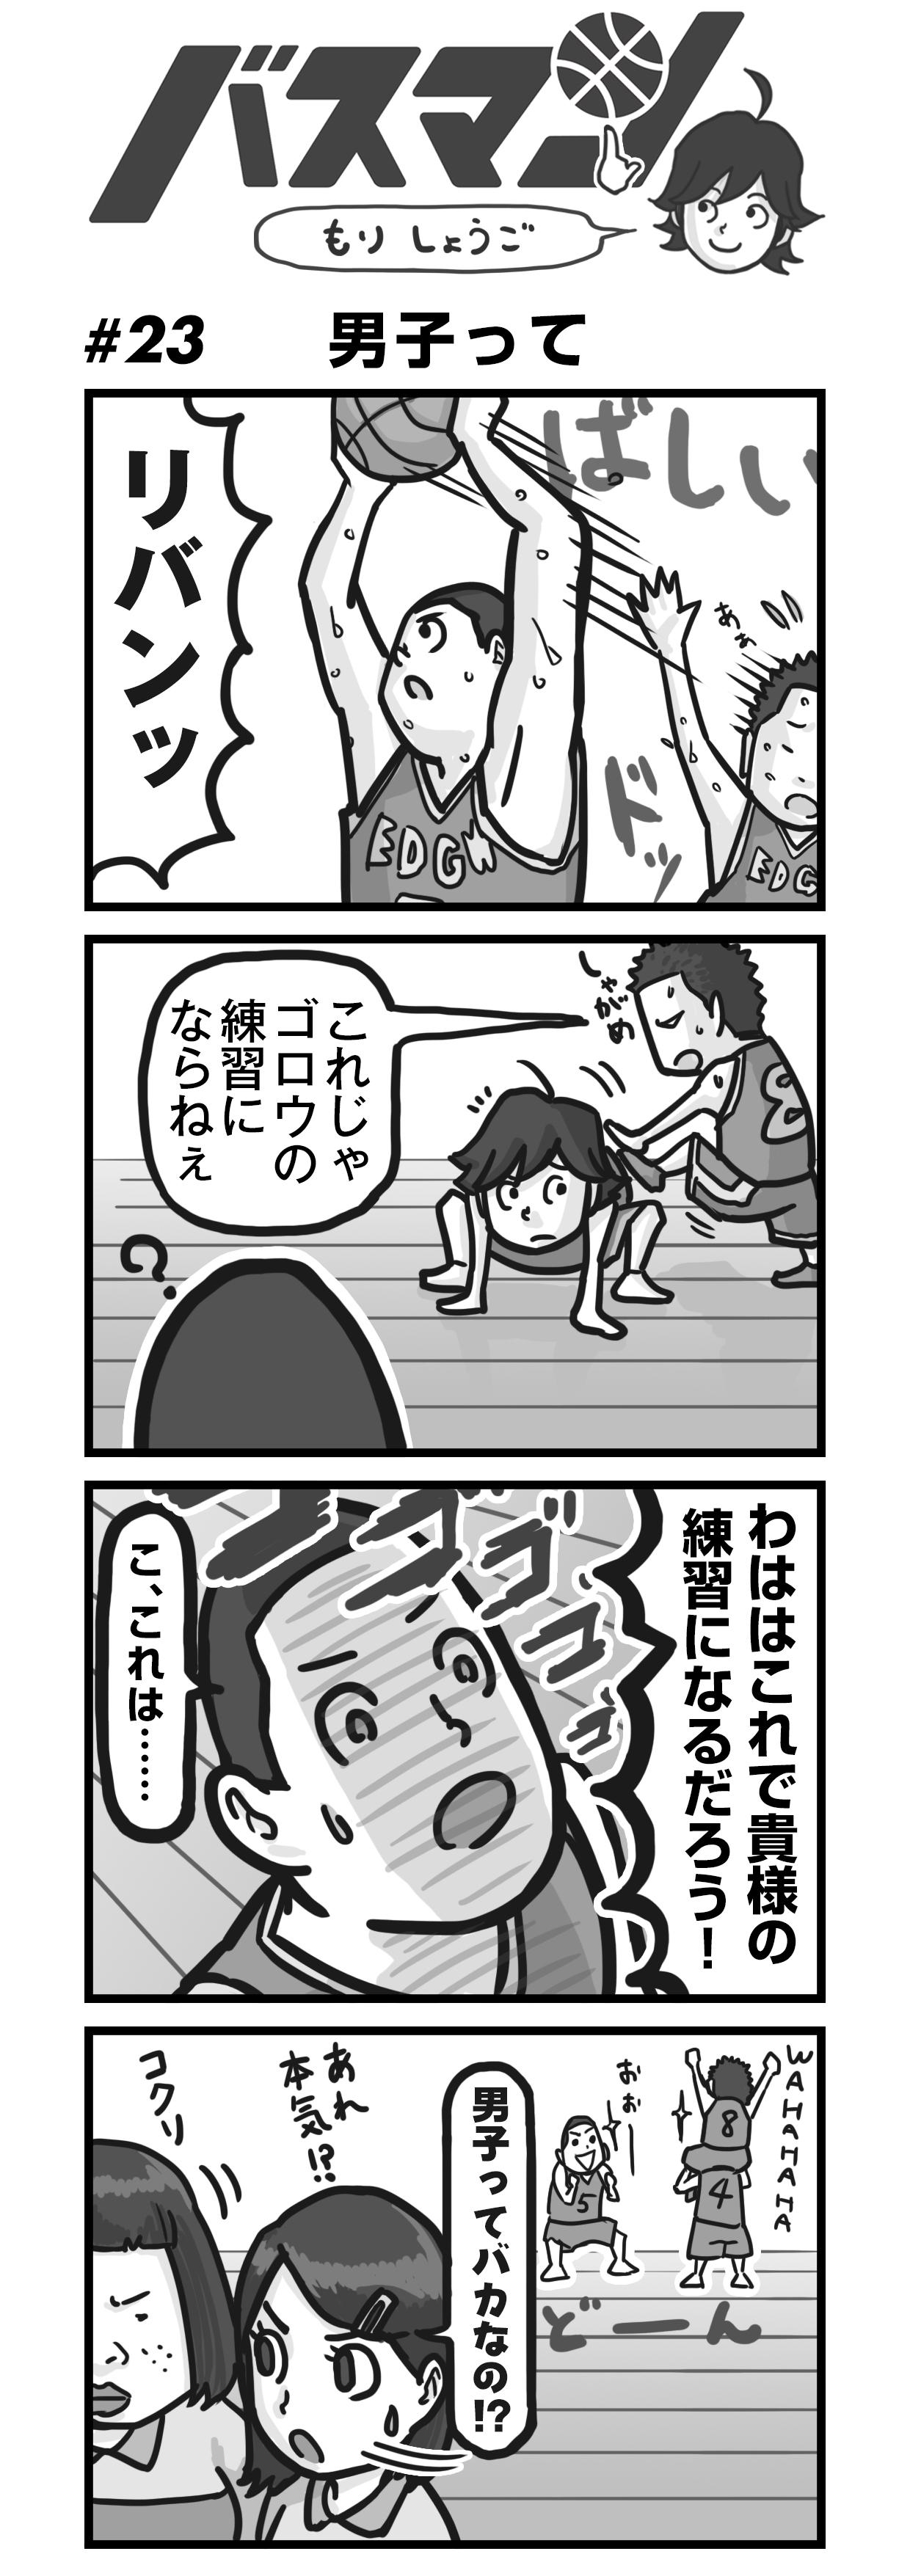 バスマン#023 「男子って」